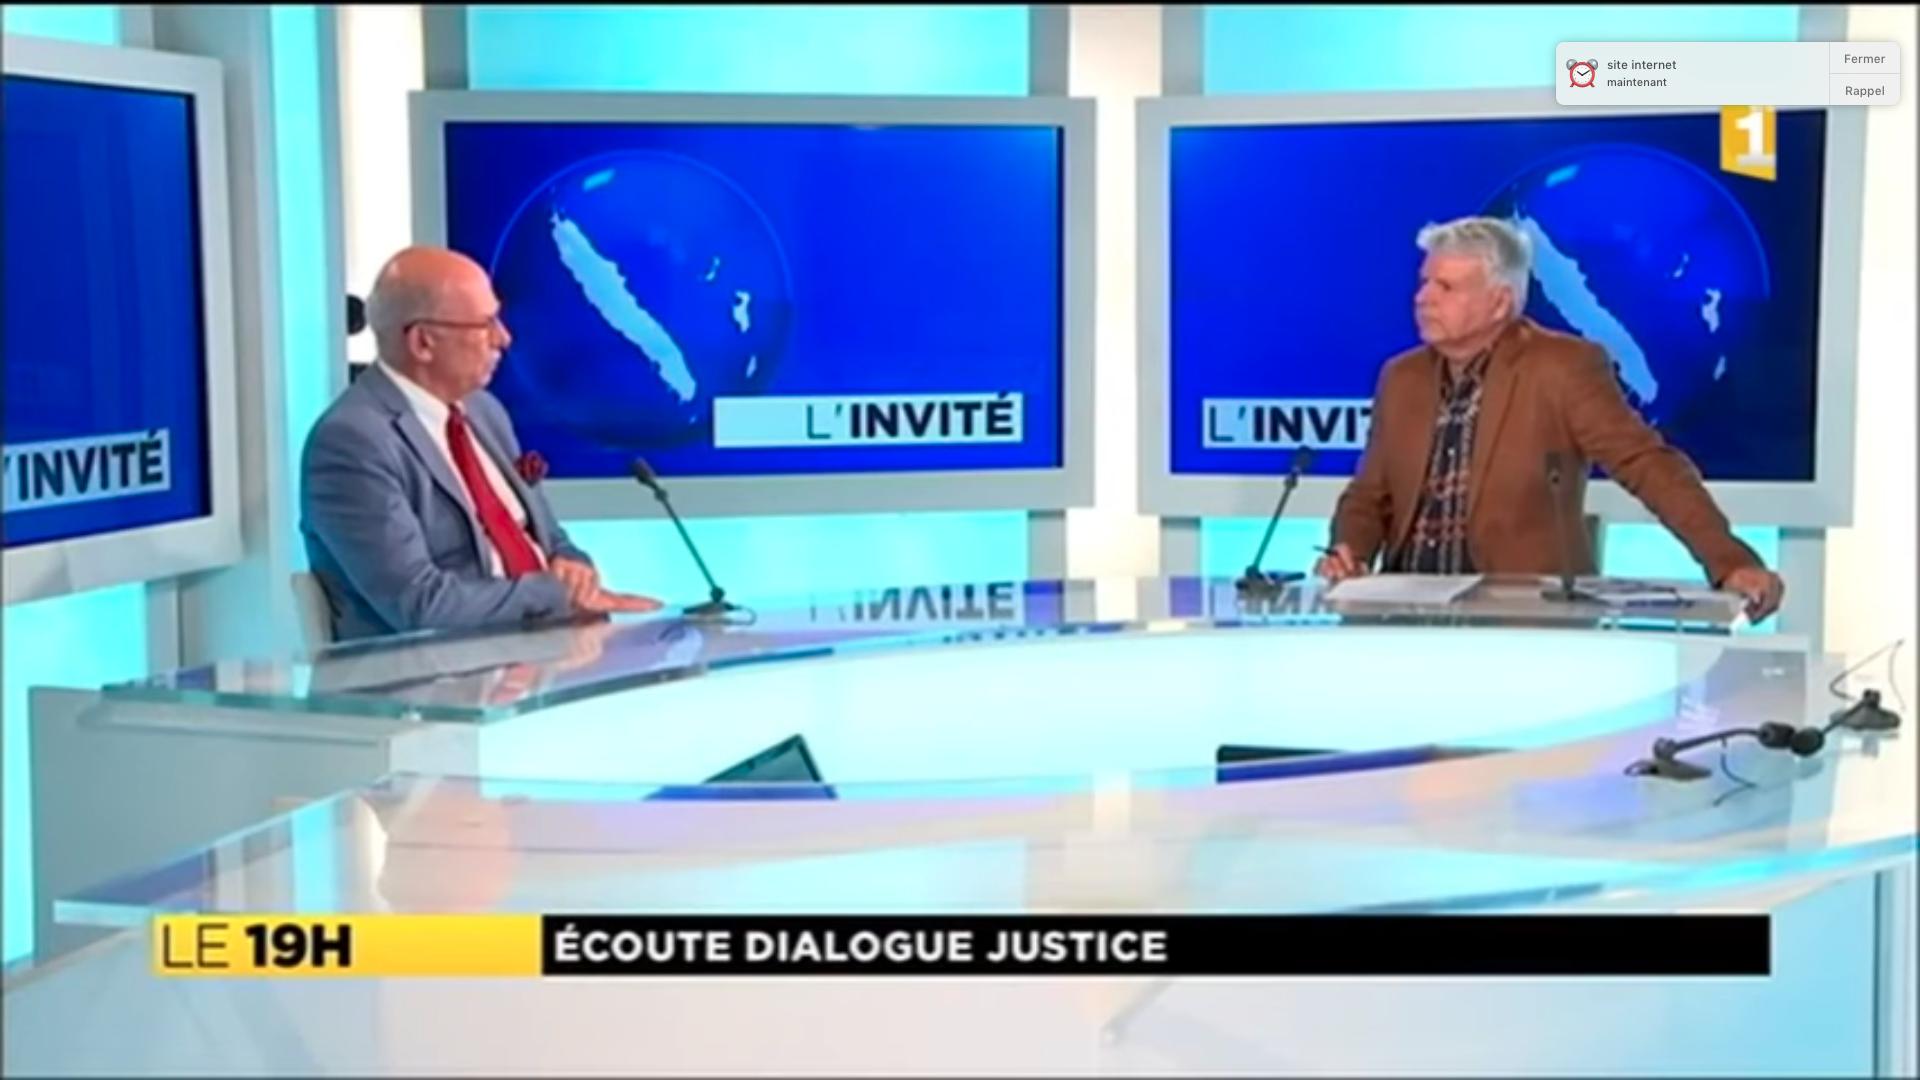 NOUVELLE CALEDONIE 1ère (2016) – France Télévision